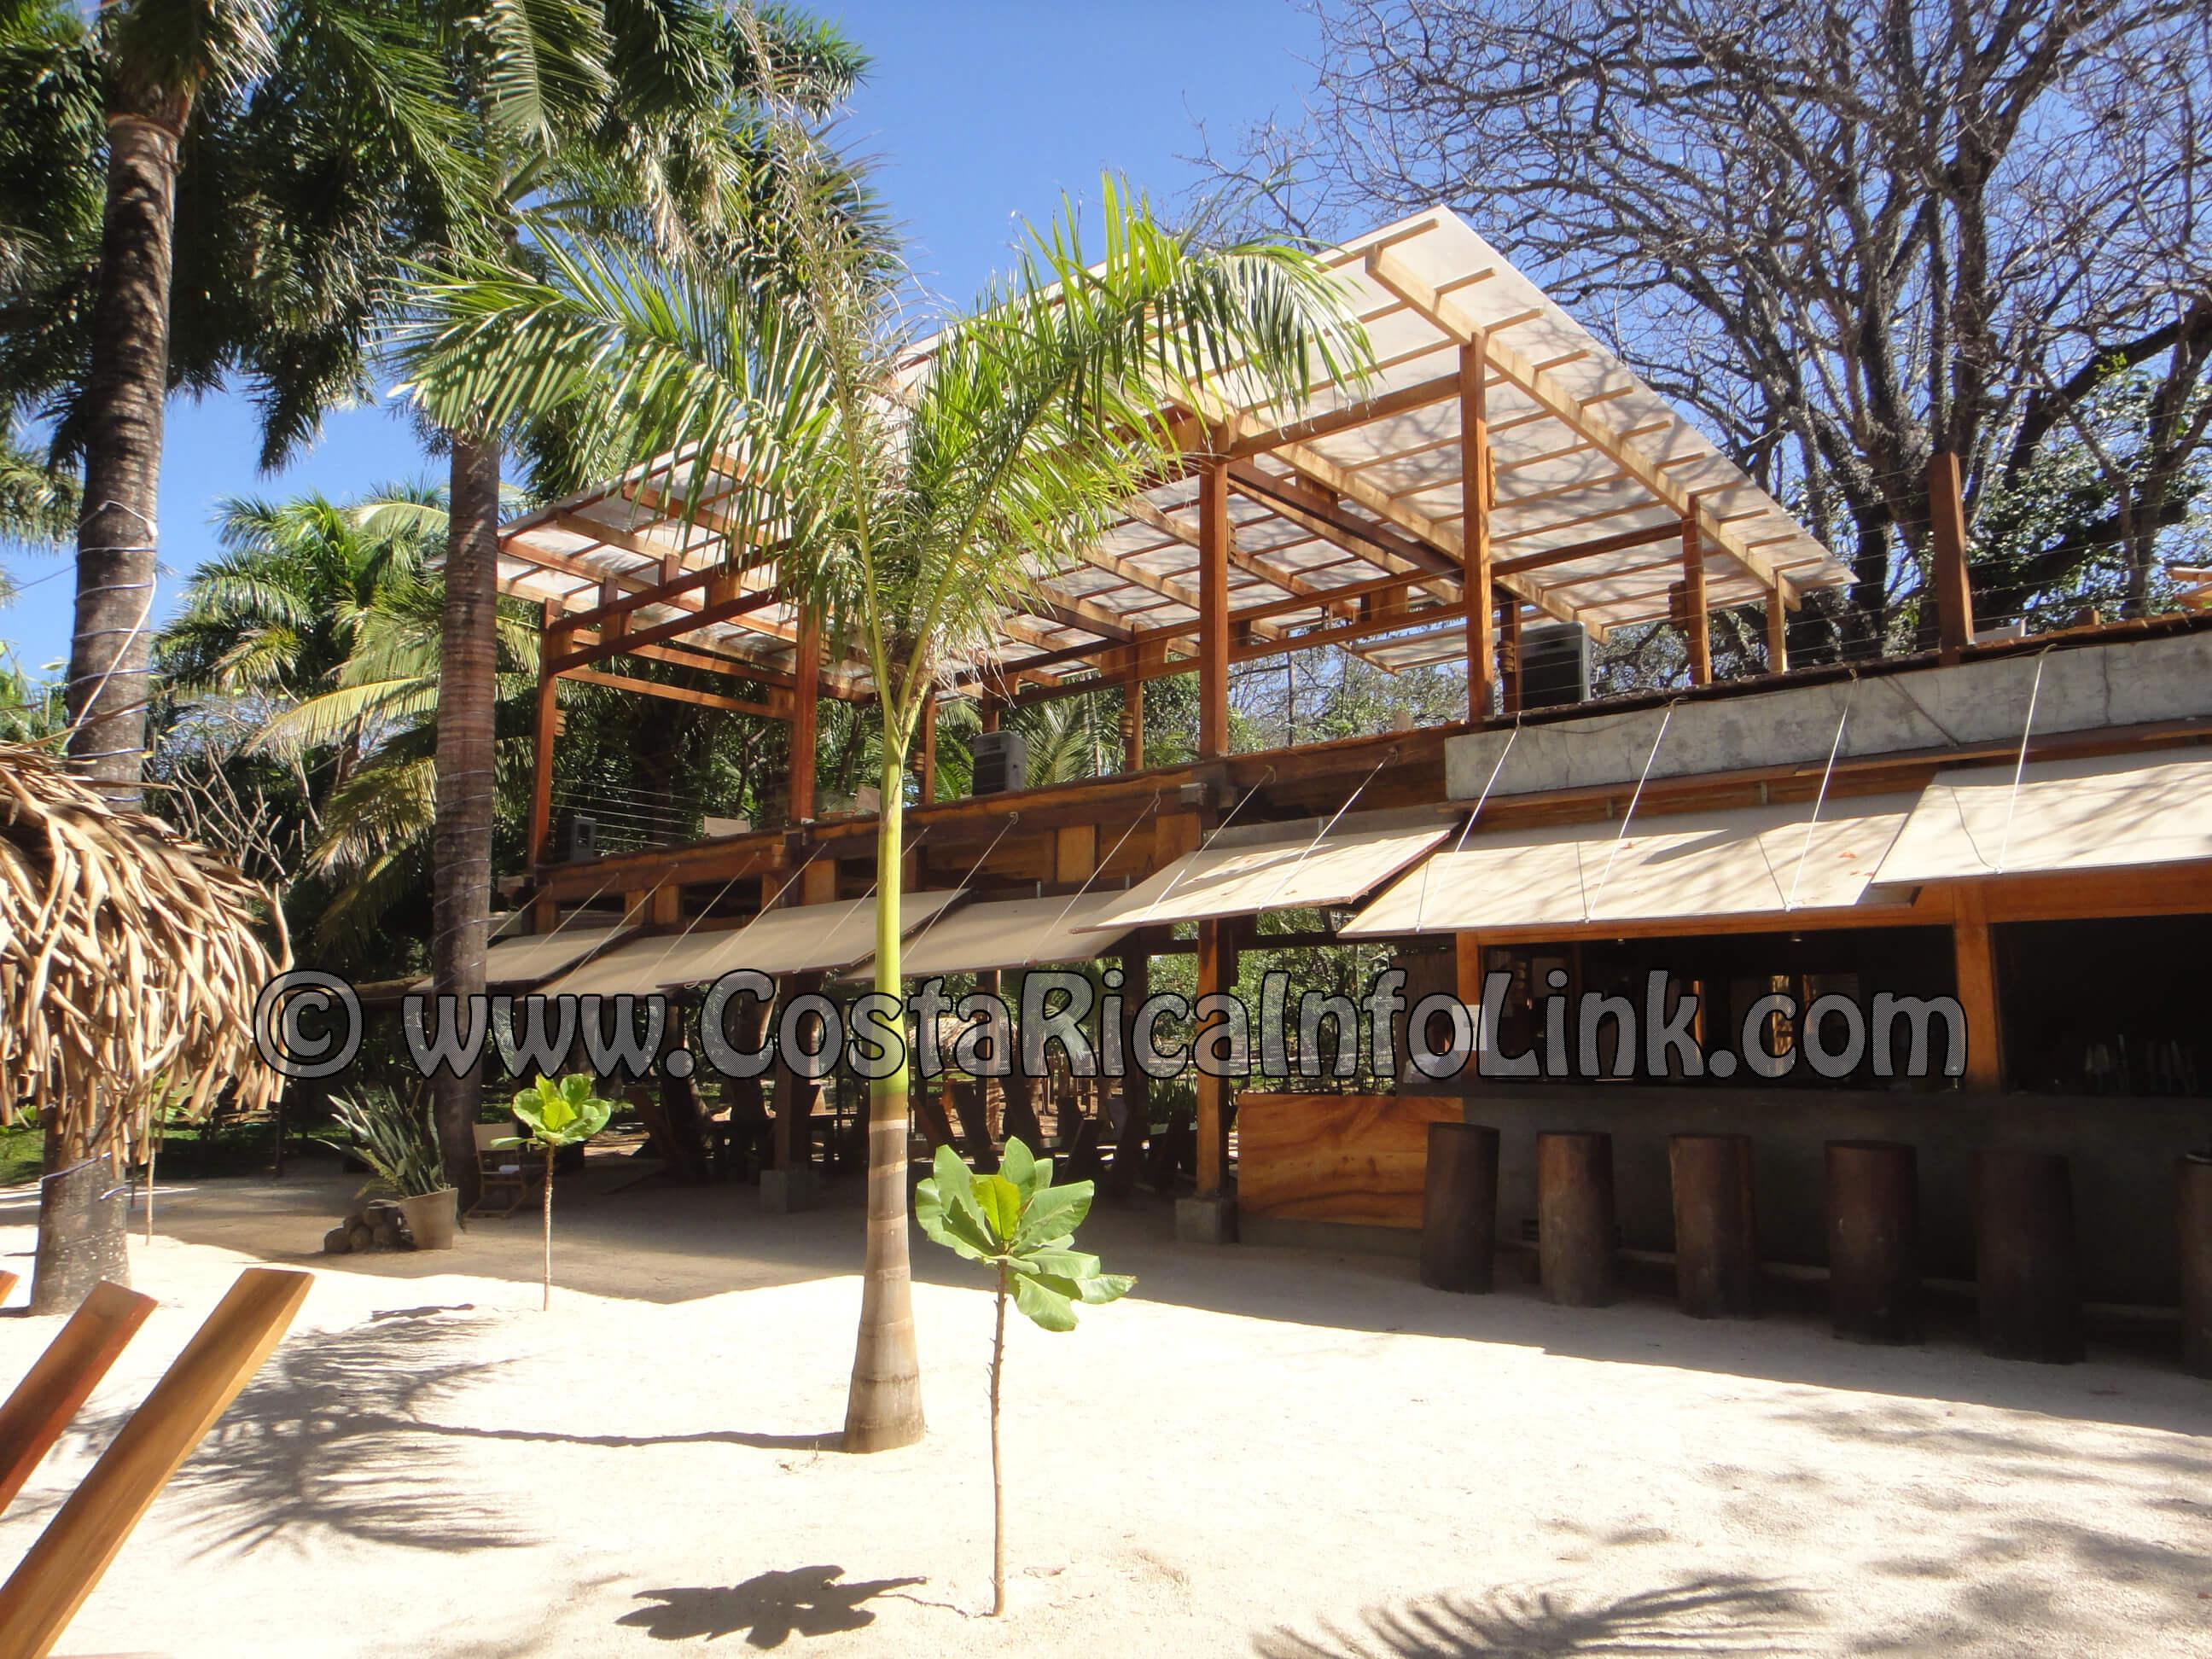 Lola's Bar y Restaurante en Playa Avellanas, Guancaste, Costa Rica